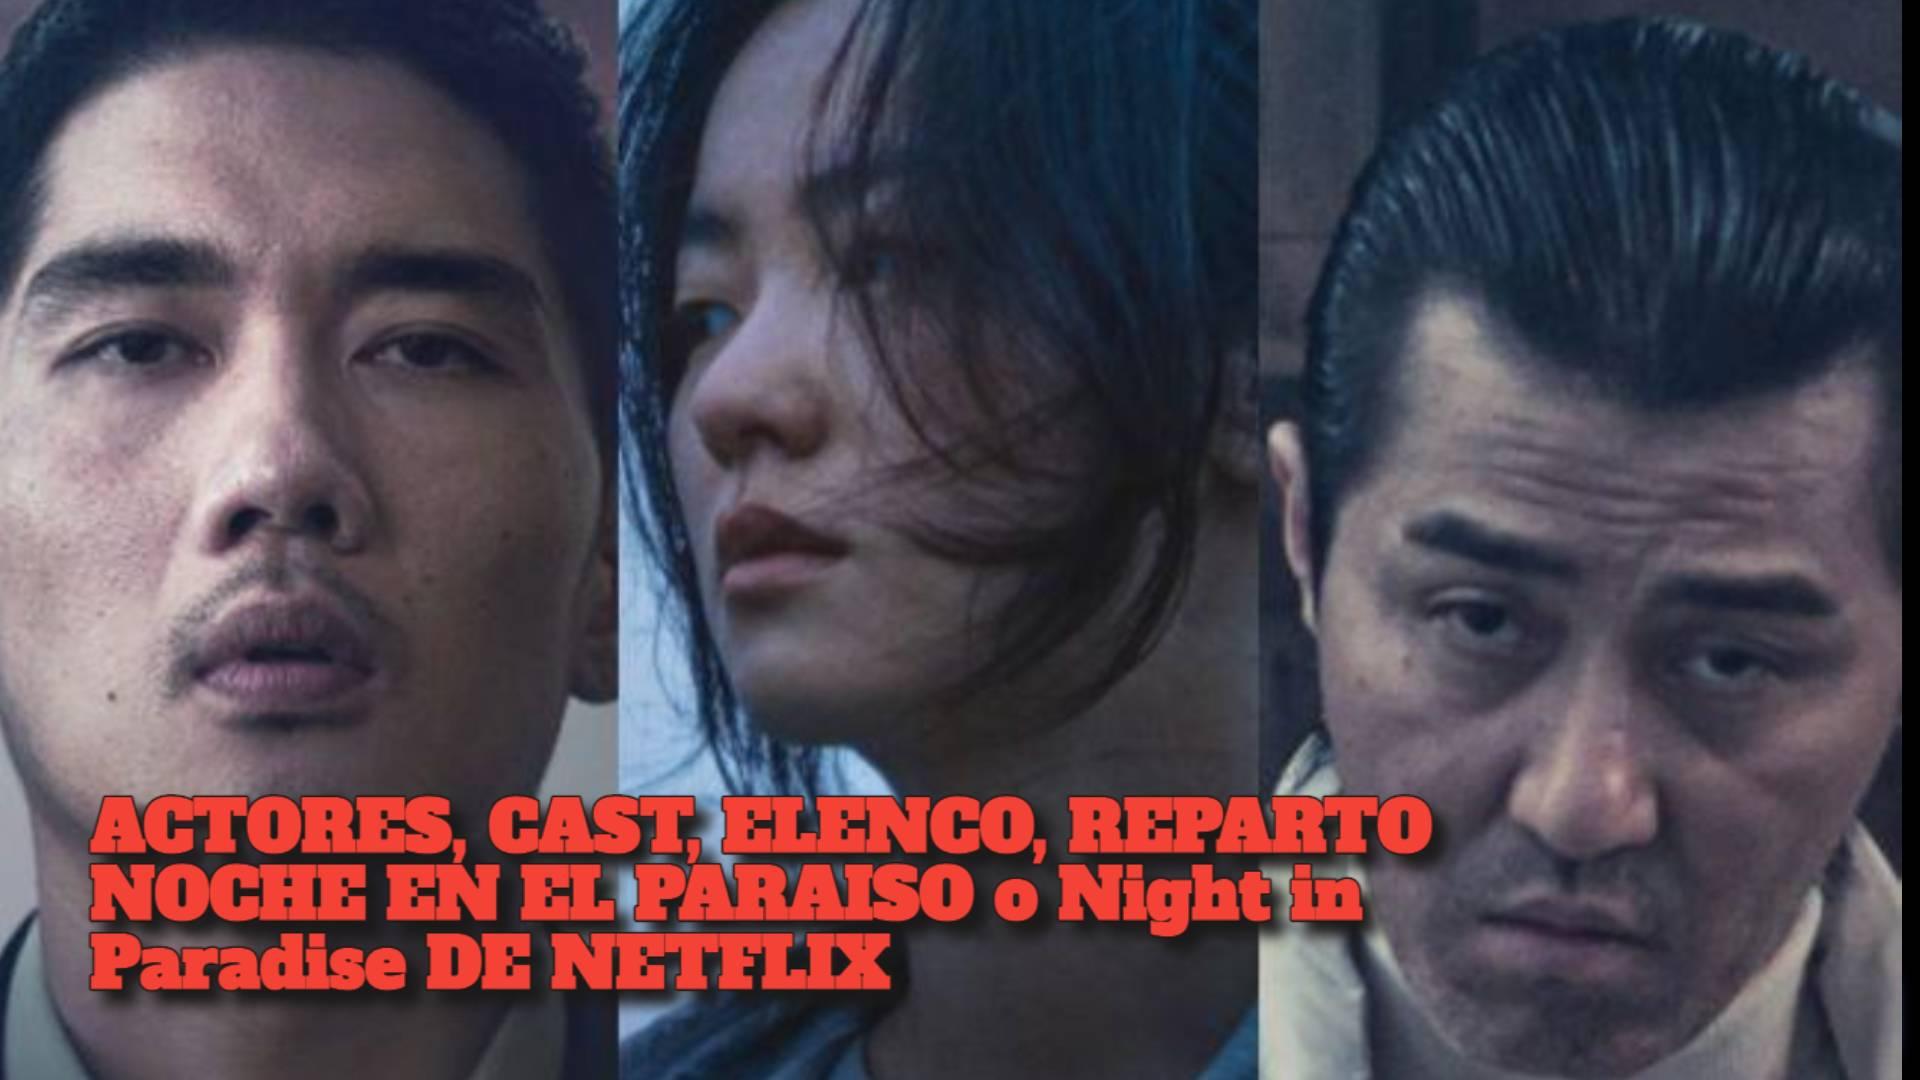 ACTORES, CAST, ELENCO, REPARTO NOCHE EN EL PARAISO o Night in Paradise DE NETFLIX